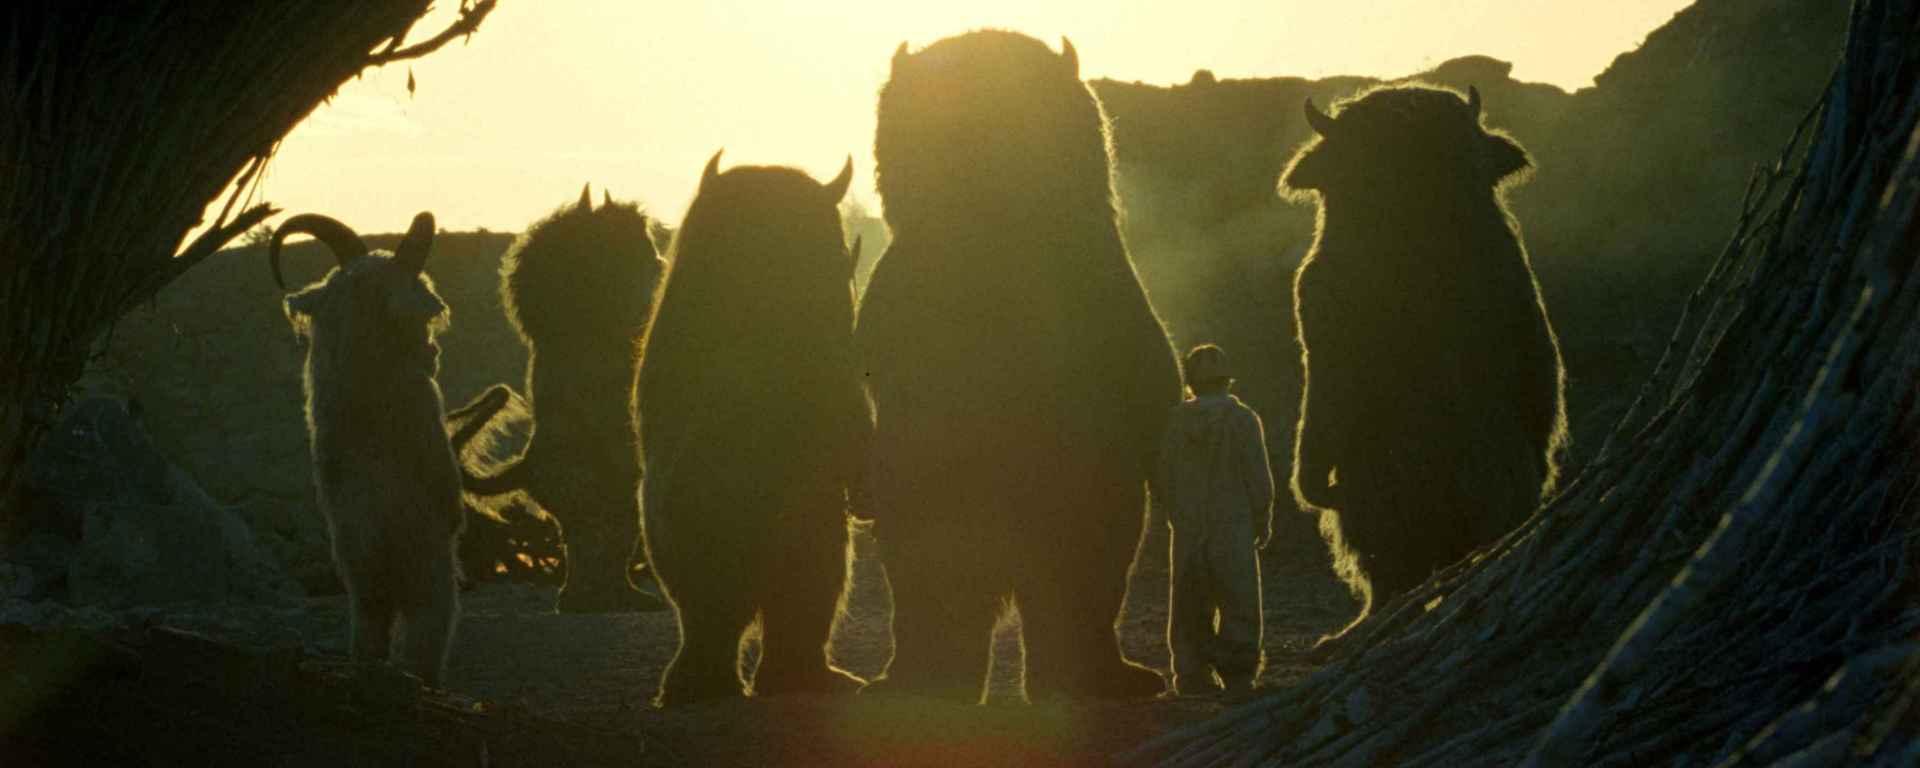 Nel paese delle creature selvagge - CineFatti